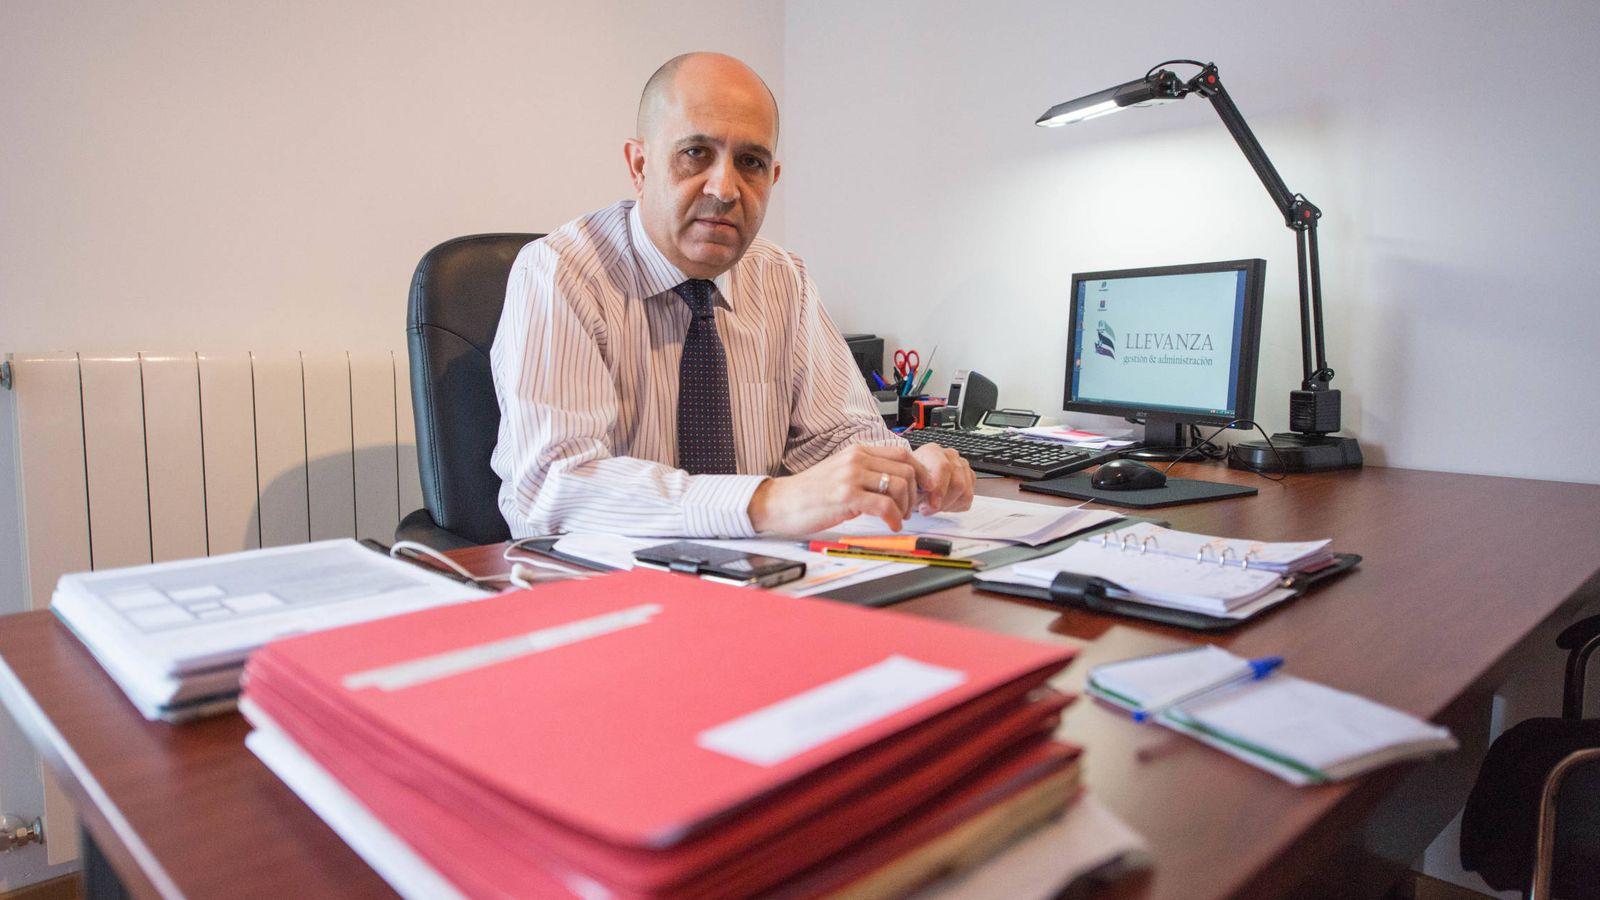 Foto: José Ángel Fernández, administrador de fincas, en el despacho que tiene ubicado en su hogar. (D. B.)